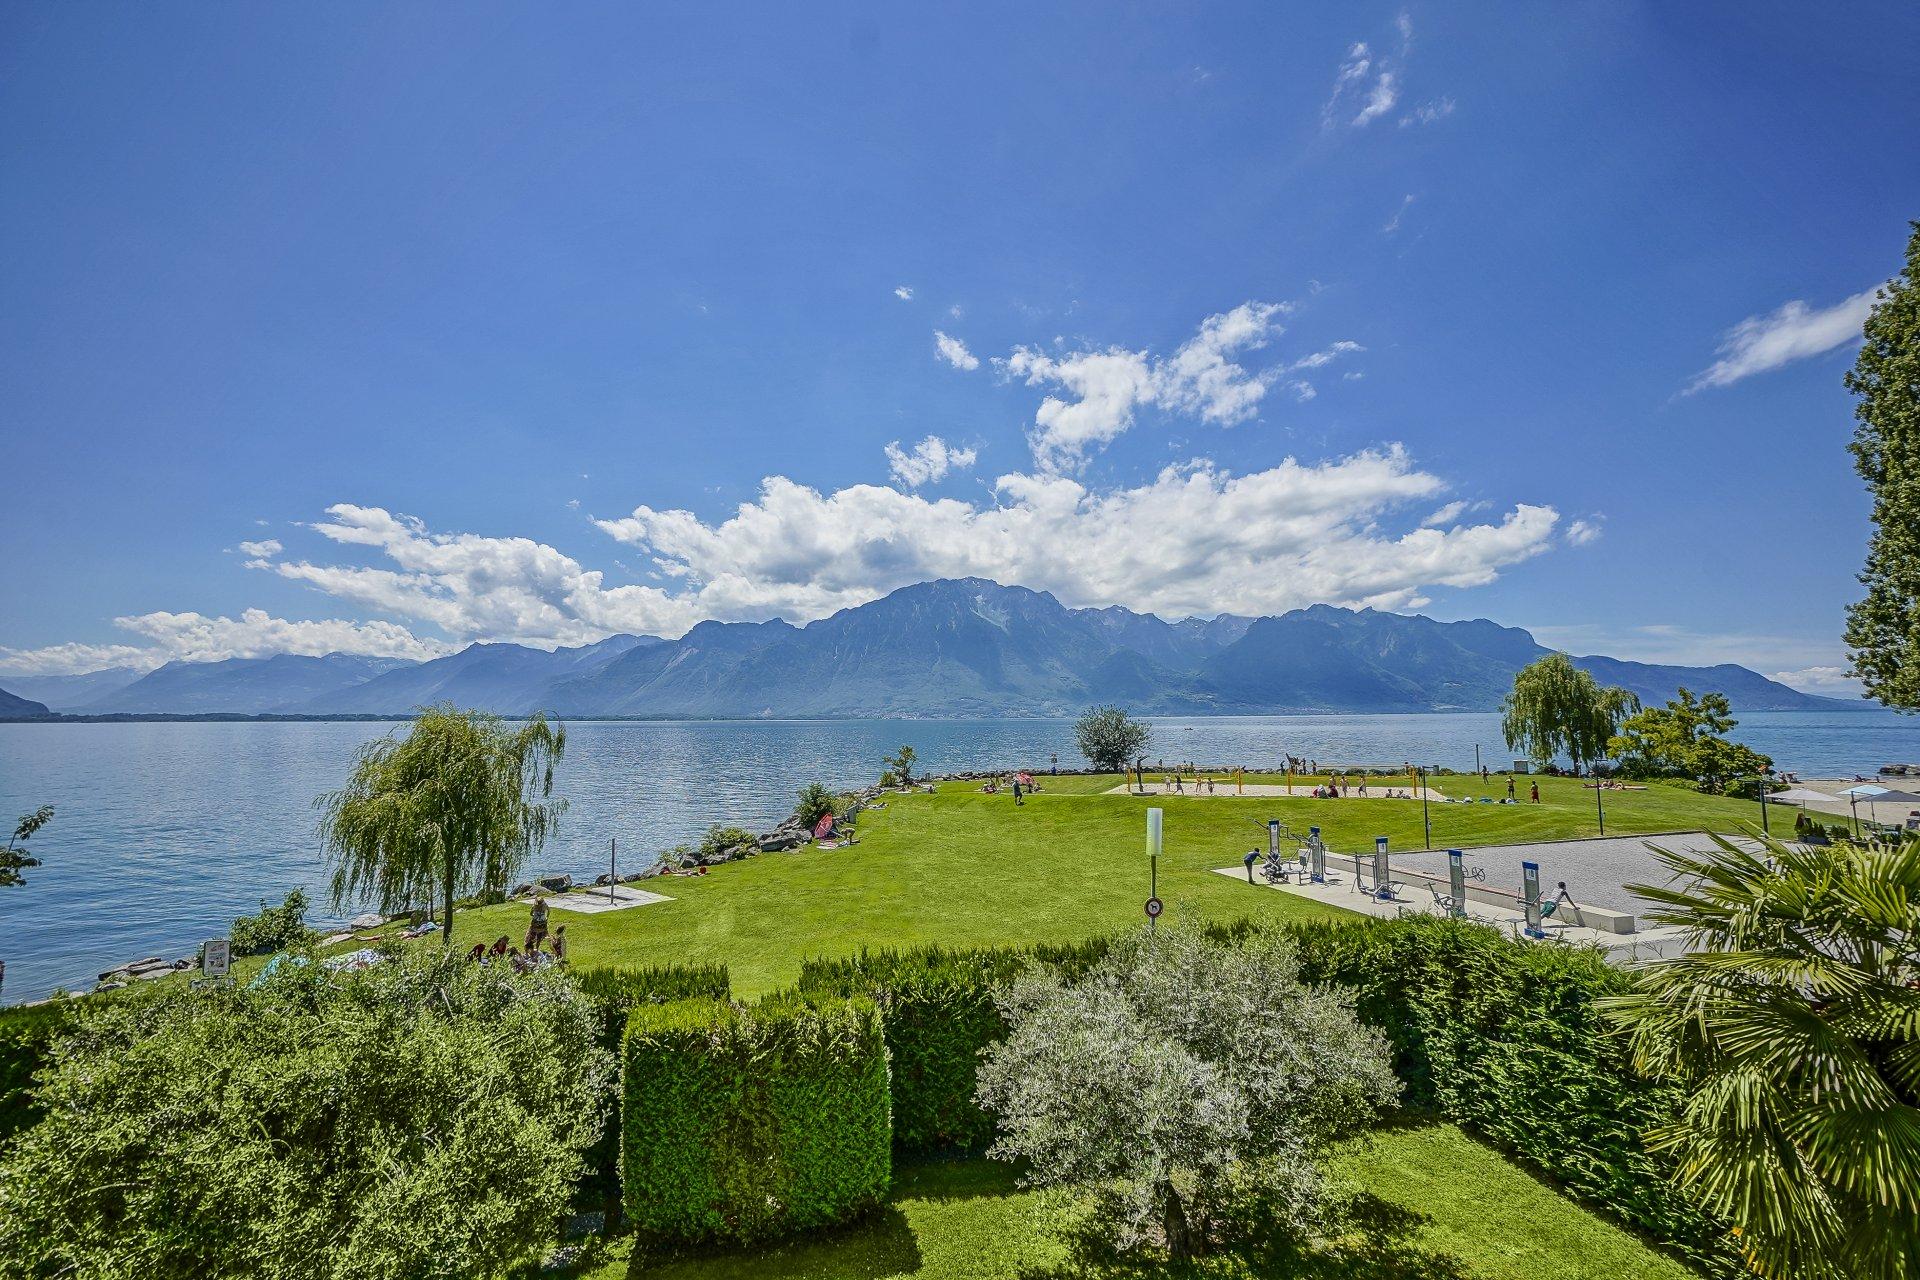 Вилла на берегу озера в Монтрё, Швейцария